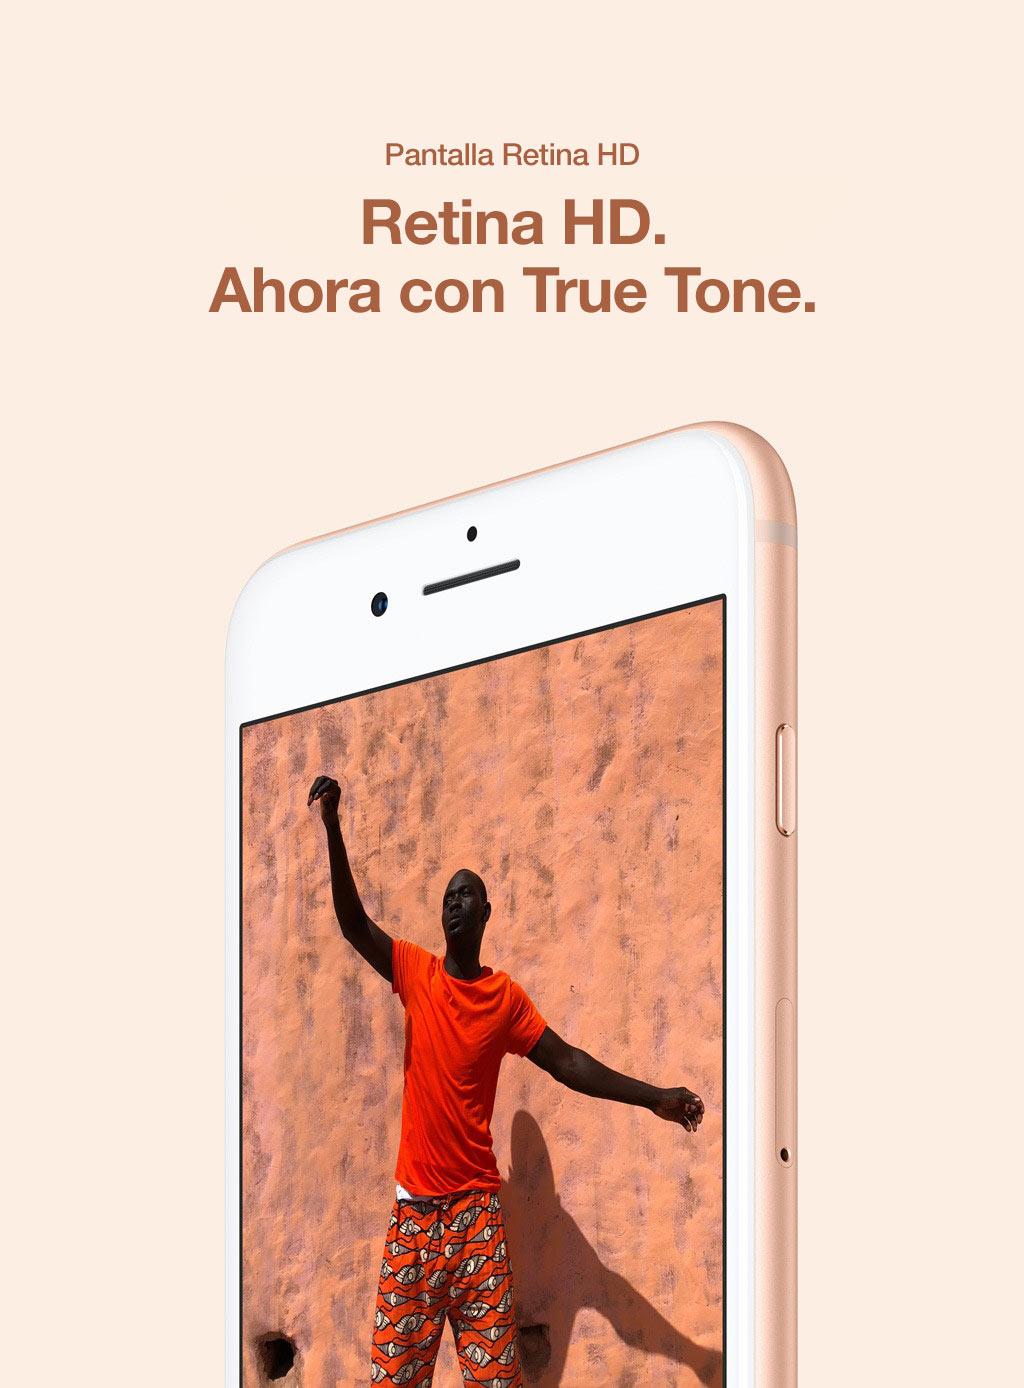 Retina HD. Ahora con True Tone.